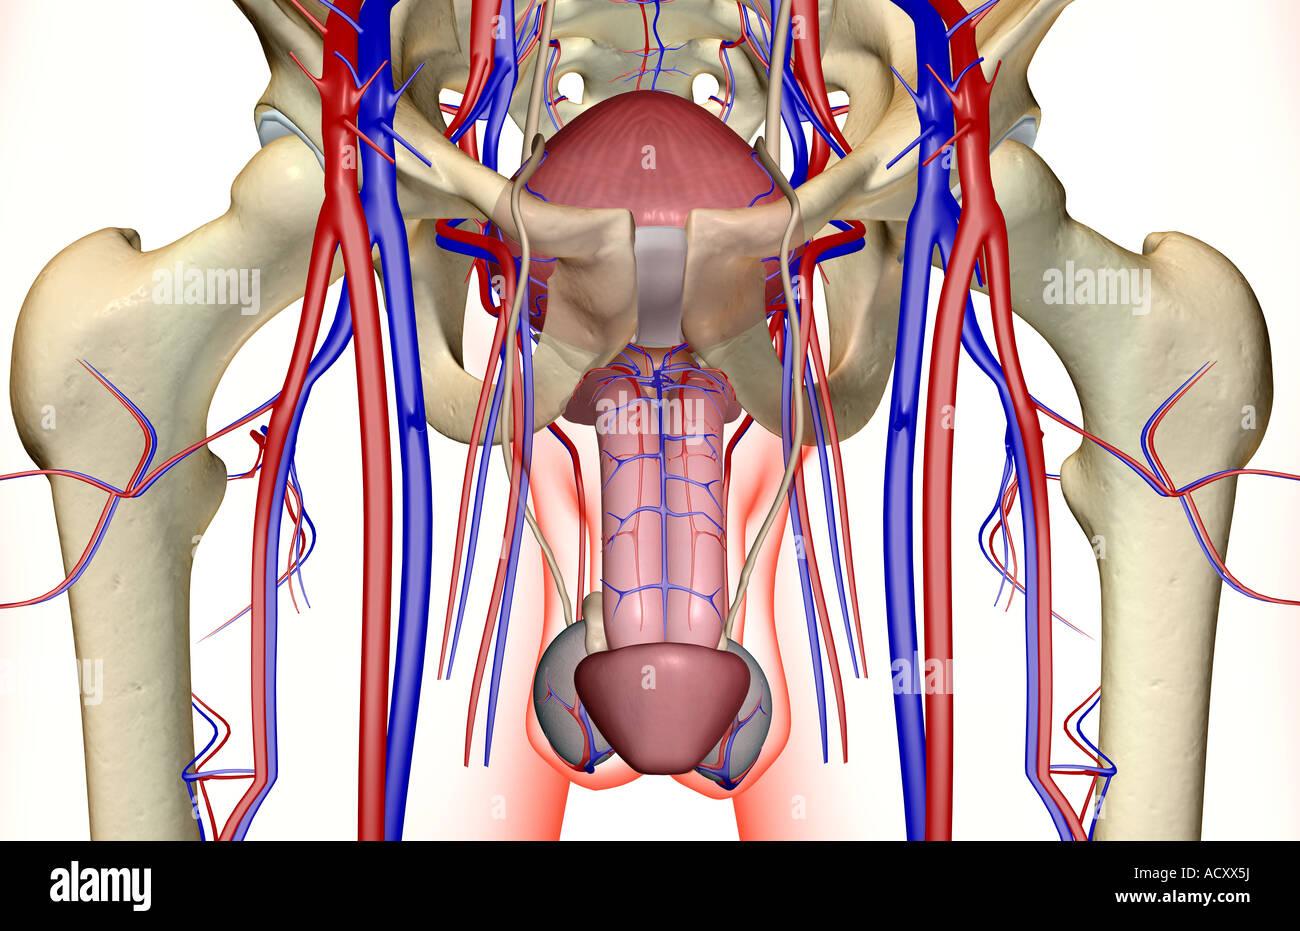 El suministro de sangre de los órganos reproductores masculinos Foto ...